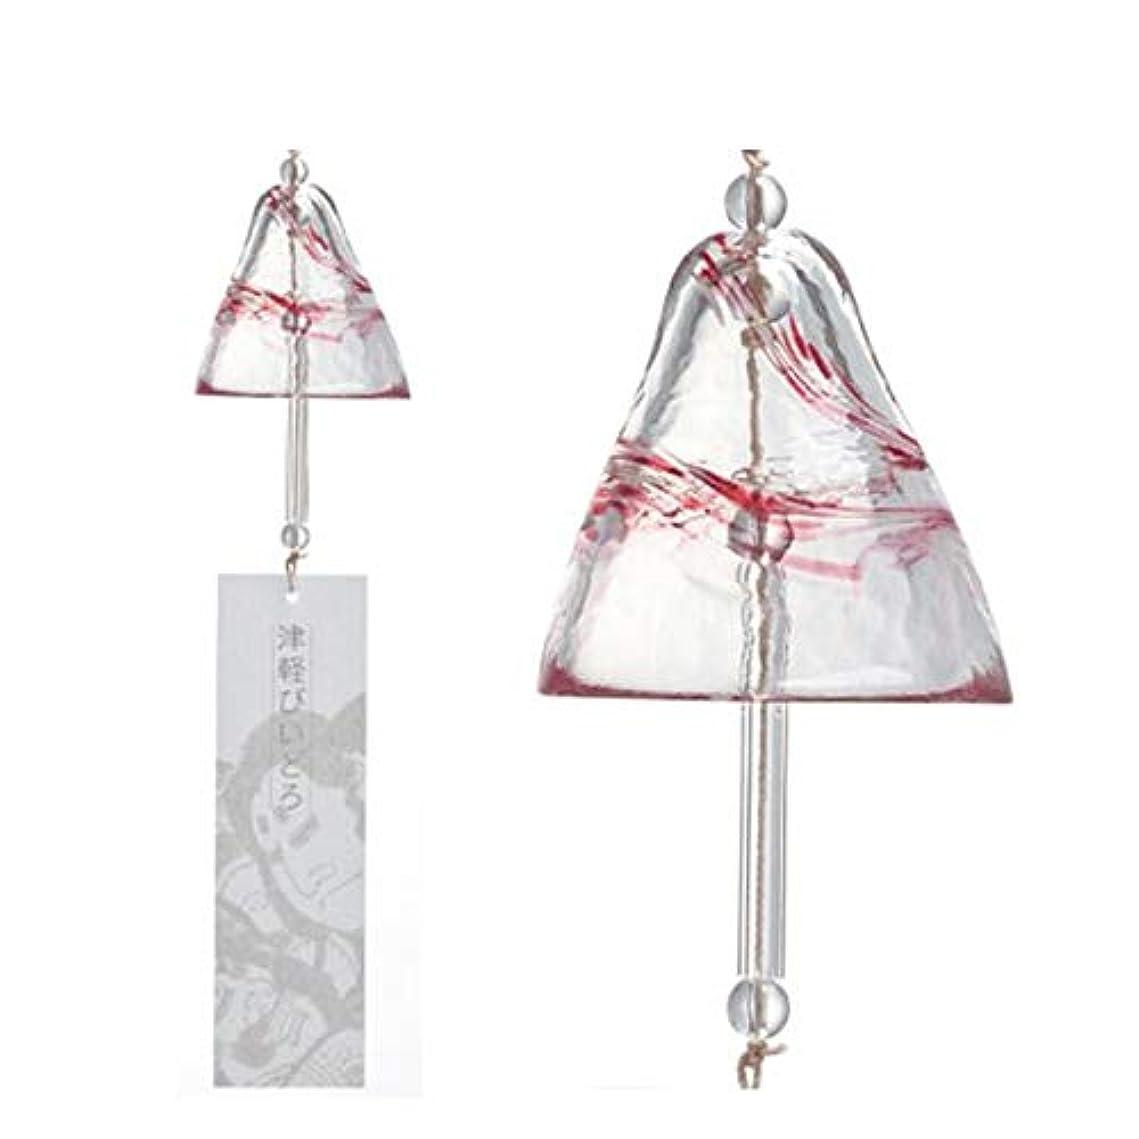 ブレンド故障中コロニアルQiyuezhuangshi 風チャイム、クリスタルガラス風チャイム、ドア飾りペンダント、レッド、サイズ75x76mmハンギング,美しいホリデーギフト (Color : Red)